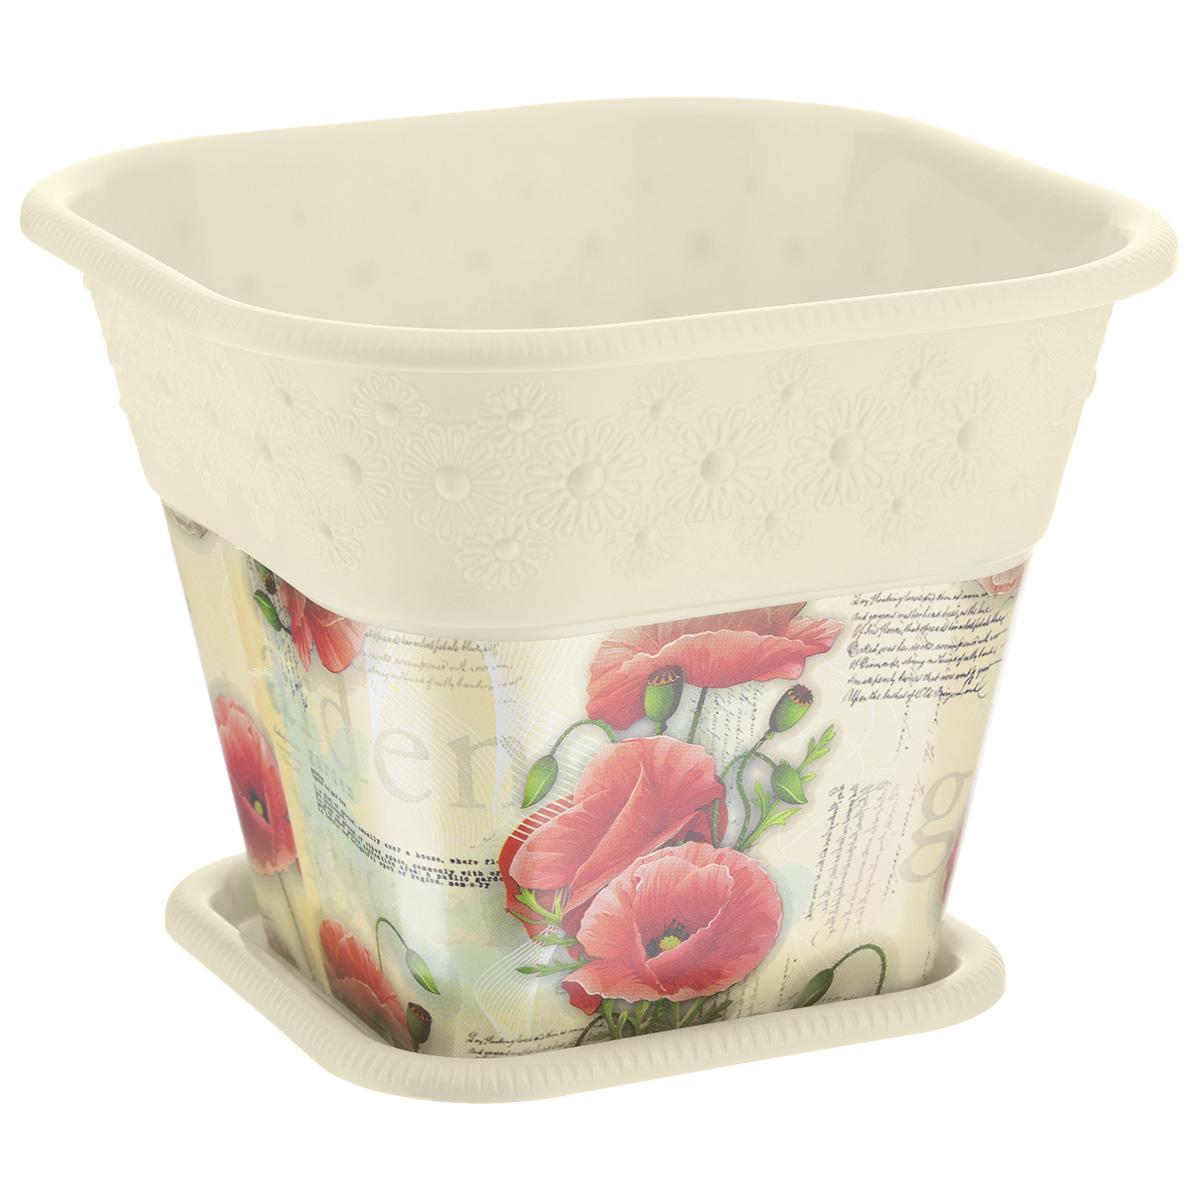 Кашпо Альтернатива Маки, с поддоном, 1,5 лМ3679Квадратное кашпо Альтернатива Маки изготовлено из высококачественного пластика. Изделие оформлено красочным цветочным рисунком и рельефом в виде ромашек. Специальный поддон предназначен для стока воды. Изделие прекрасно подходит для выращивания растений и цветов в домашних условиях. Стильный яркий дизайн сделает такое кашпо отличным дополнением интерьера. Объем: 1,5 л. Размер поддона: 11,5 см х 11,5 см х 1 см.